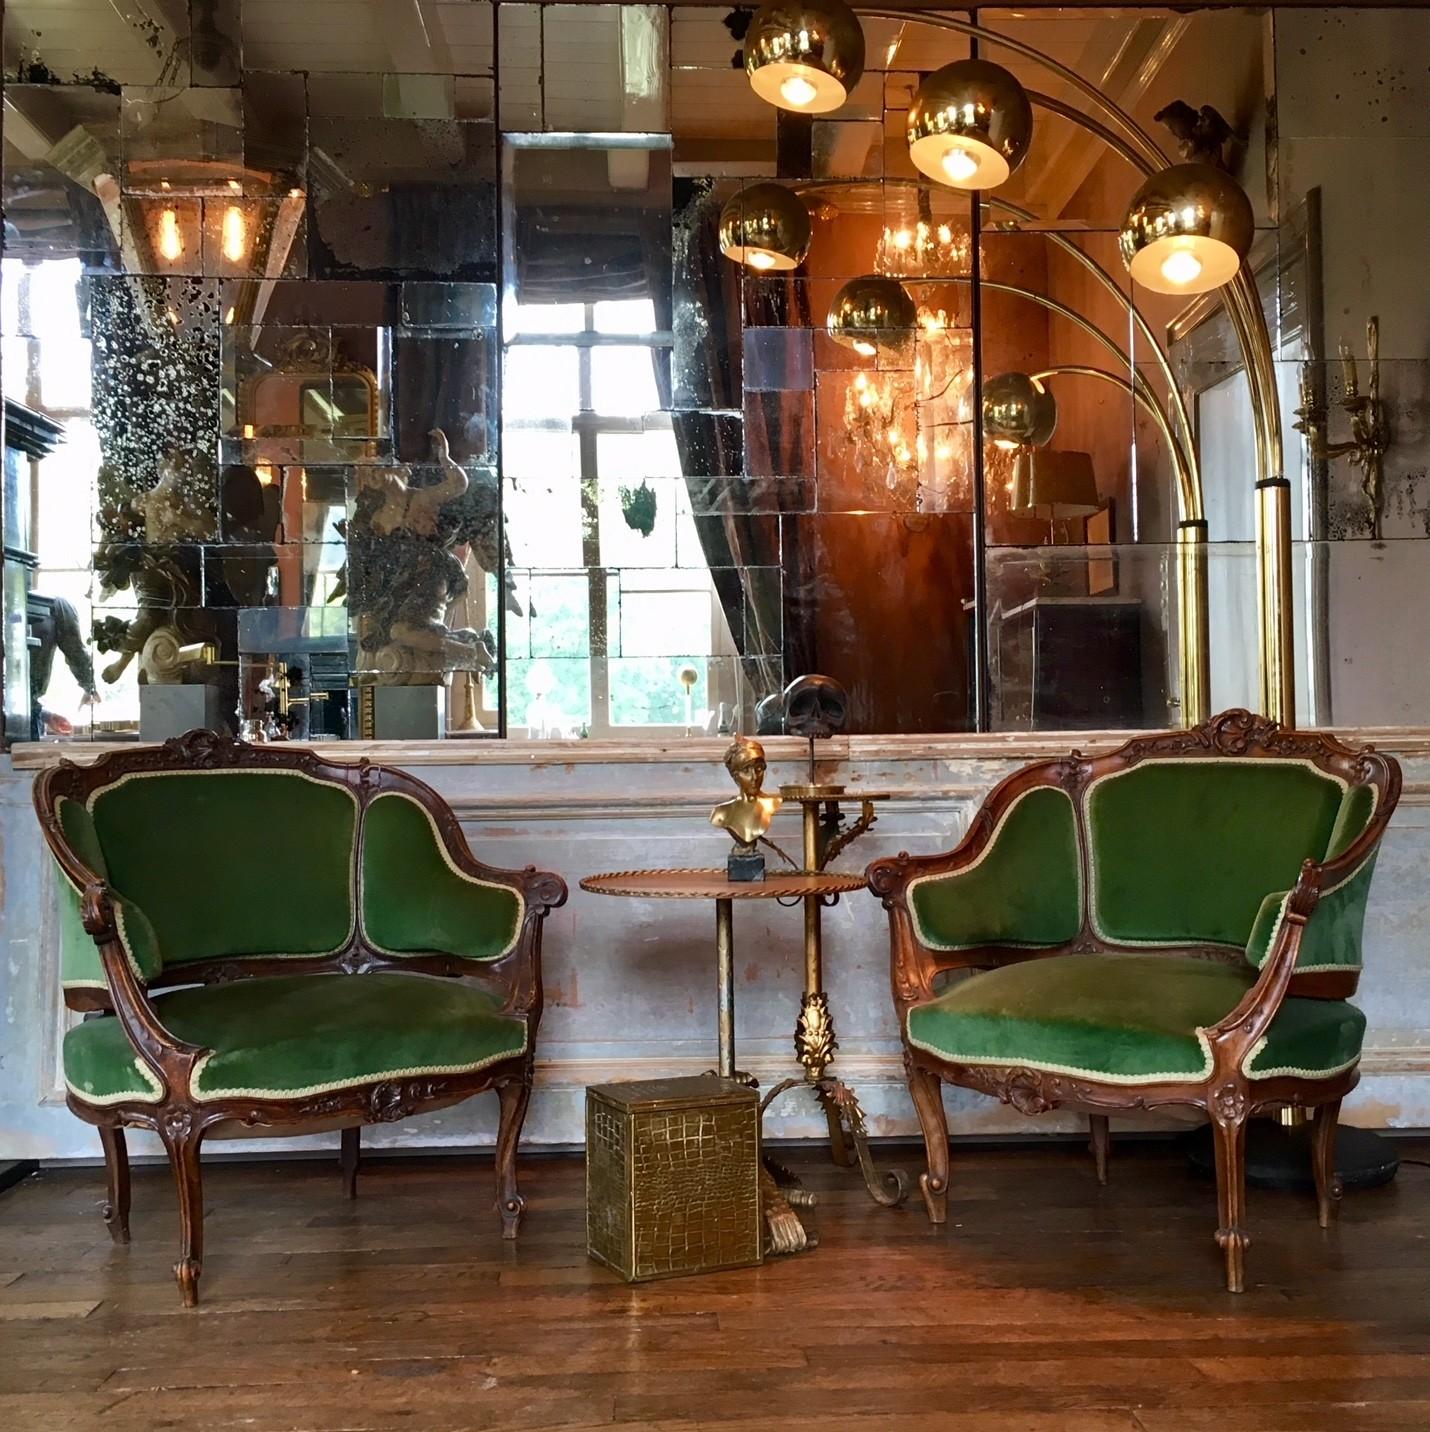 19de eeuwse sierlijke fauteuils